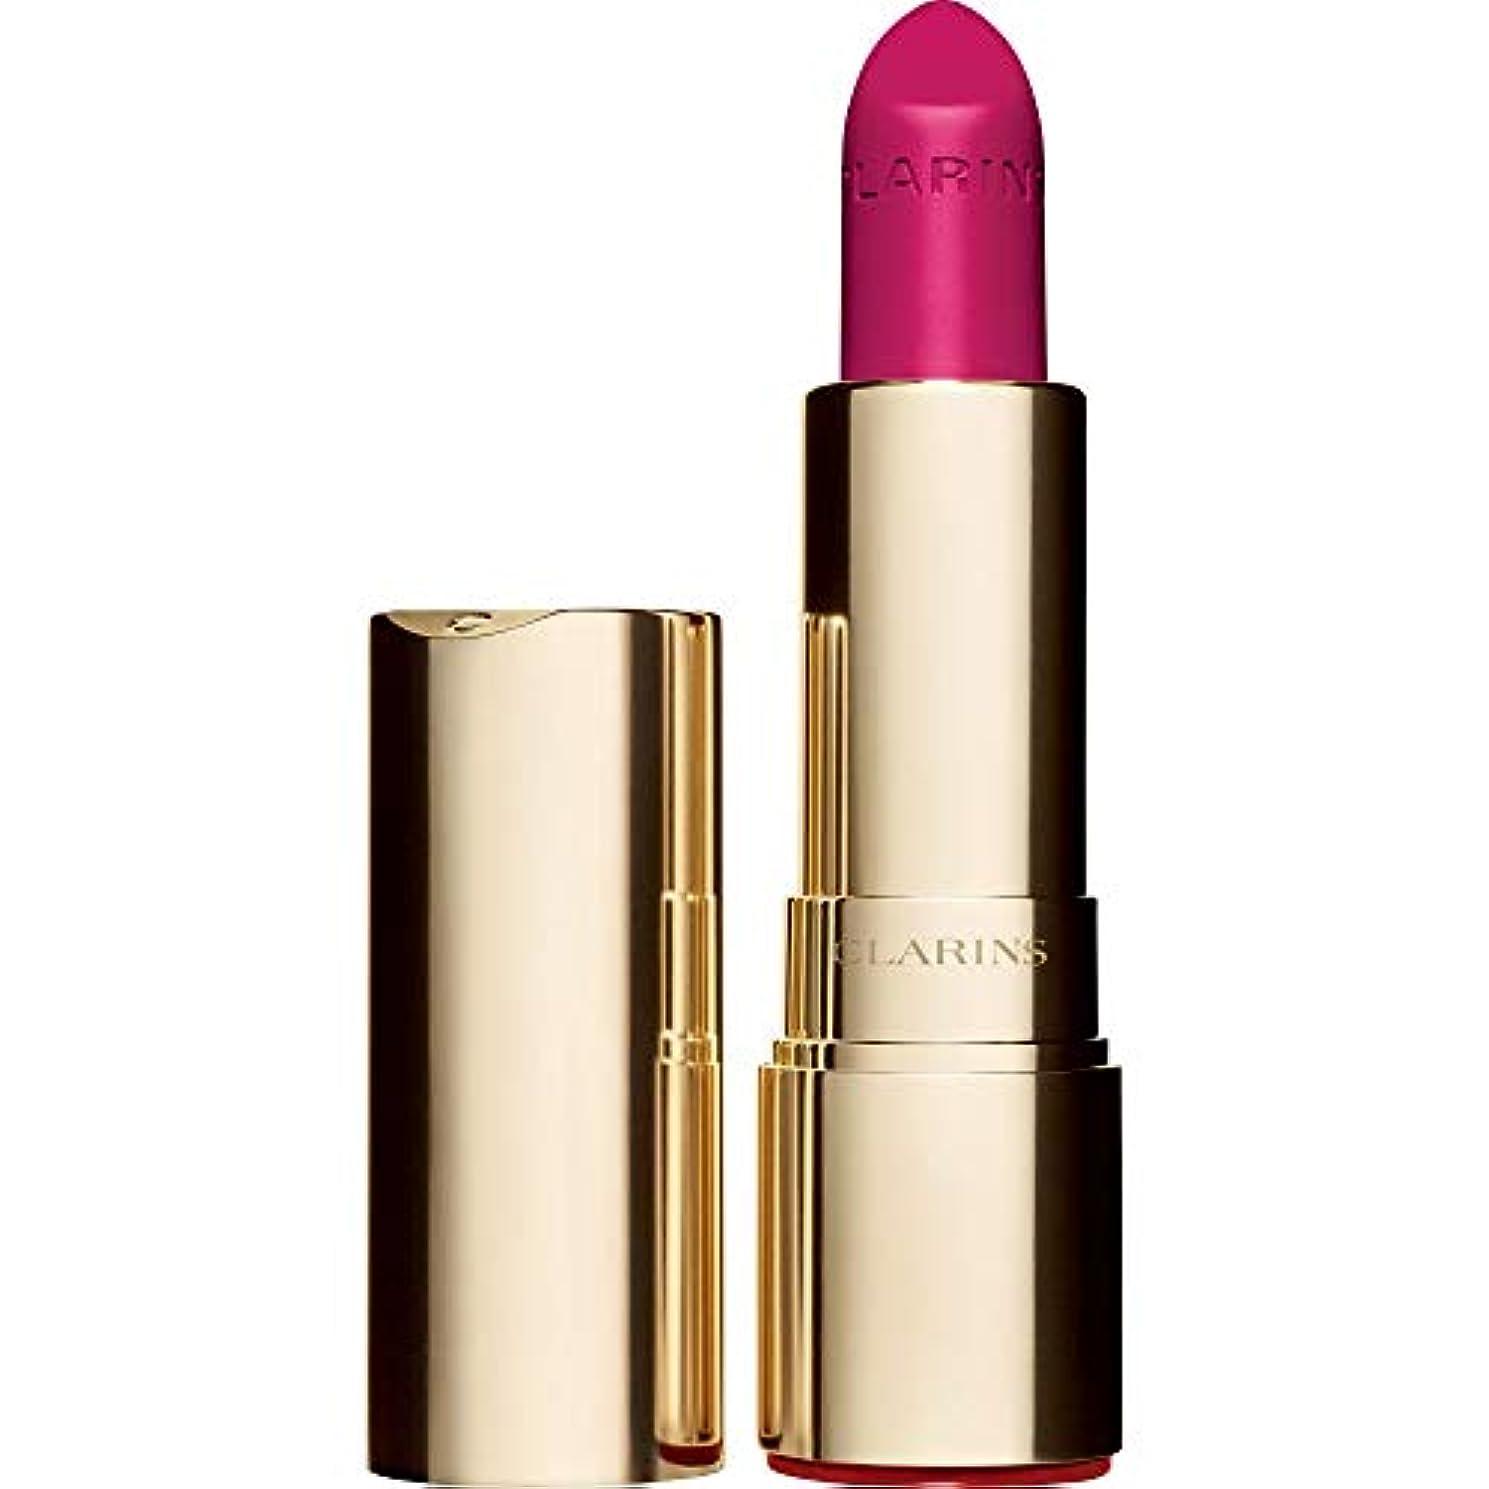 ブルーベル推定ピラミッド[Clarins ] クラランスジョリルージュのベルベットの口紅3.5グラムの713V - ホットピンク - Clarins Joli Rouge Velvet Lipstick 3.5g 713V - Hot Pink...